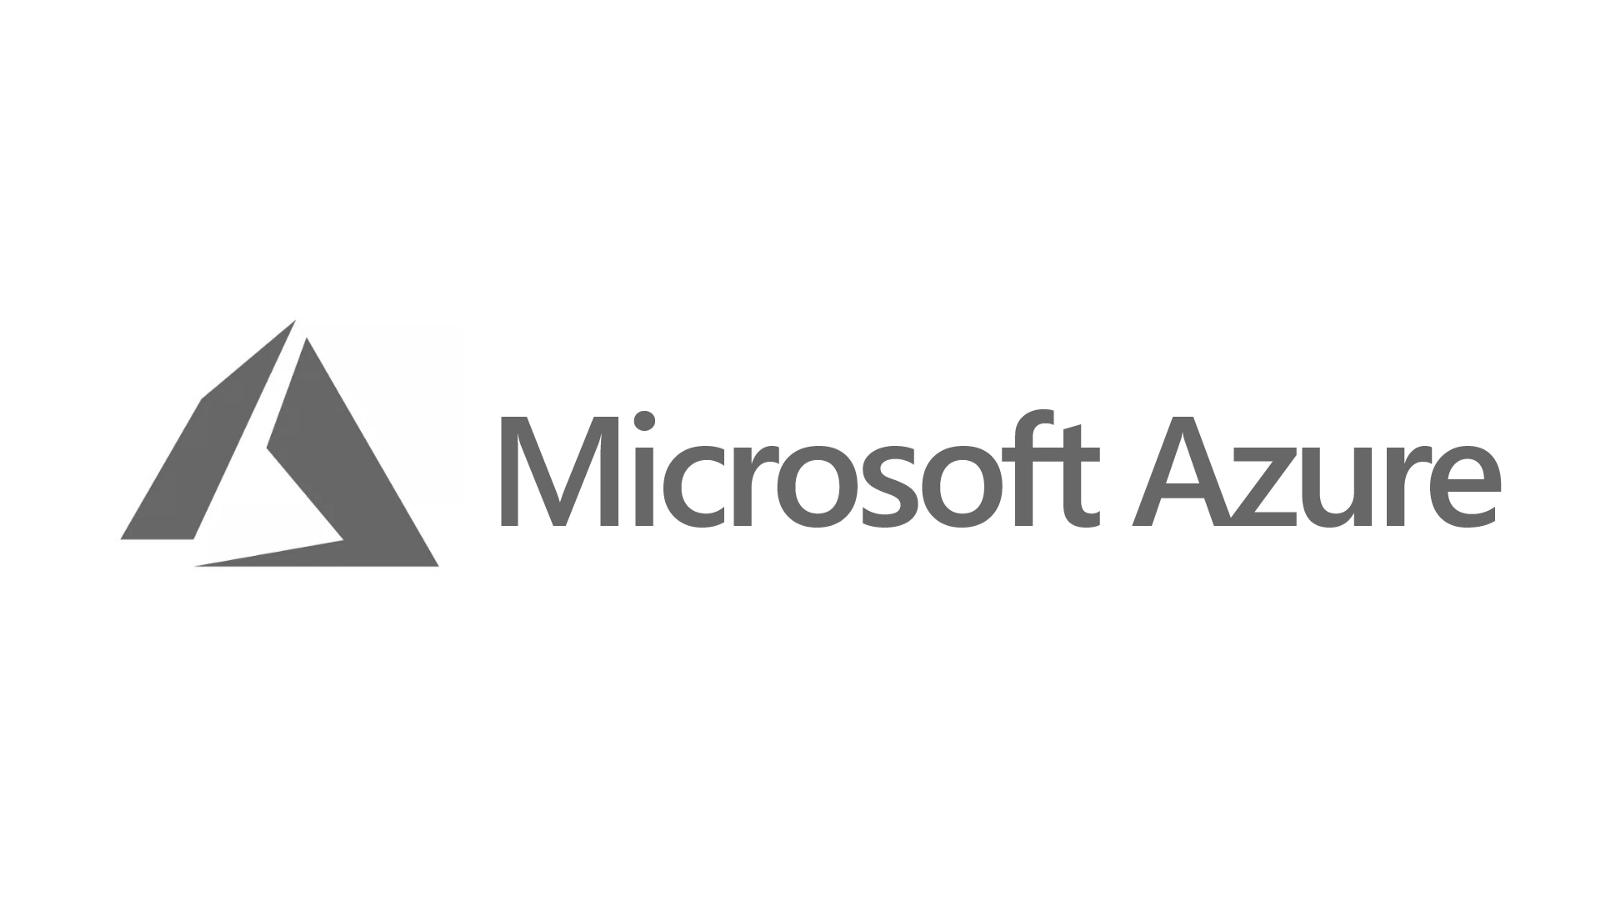 MicrosoftAzureIoTSuite_1546417461-ConvertImage.png